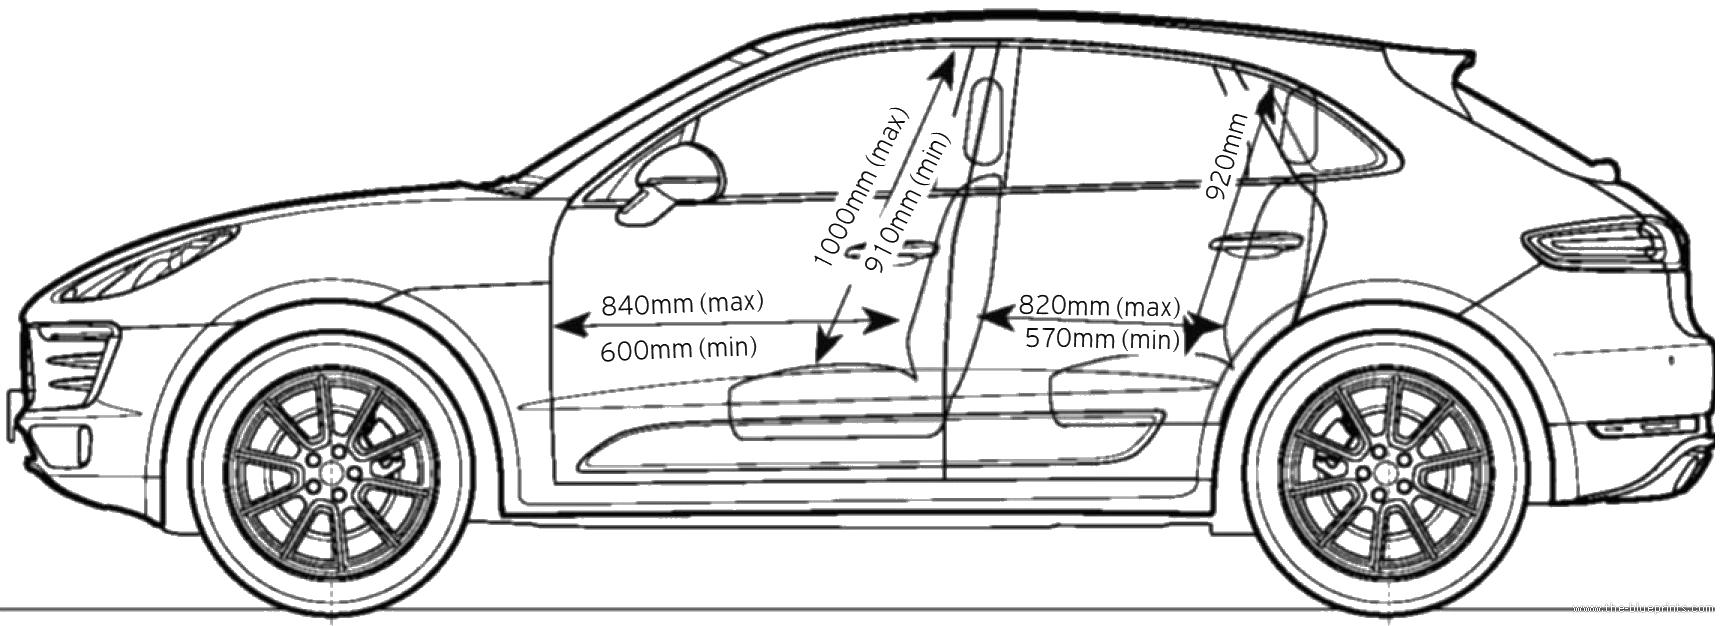 Blueprints > Cars > Porsche > Porsche Macan S (2014)